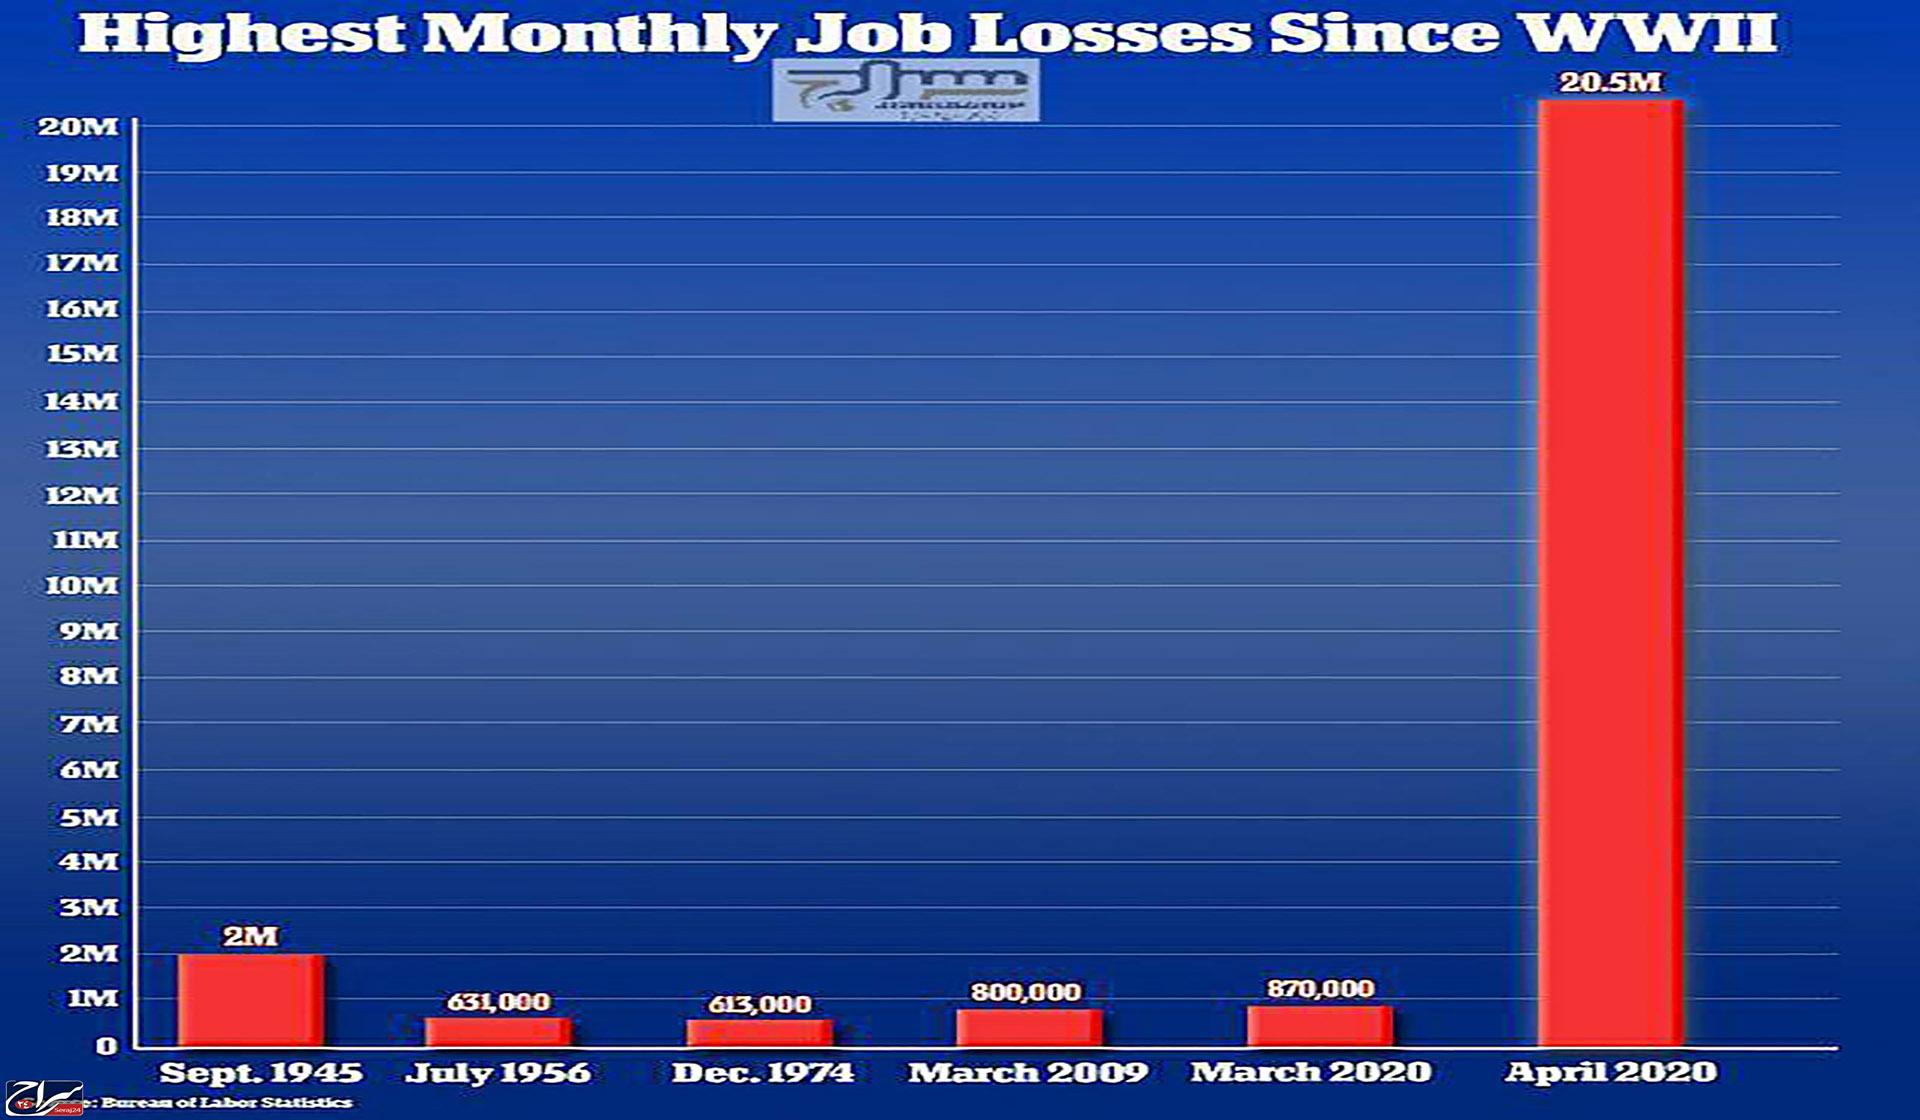 آمریکا رکورددار بیشترین شغل از دست رفته بعد از جنگ جهانی دوم